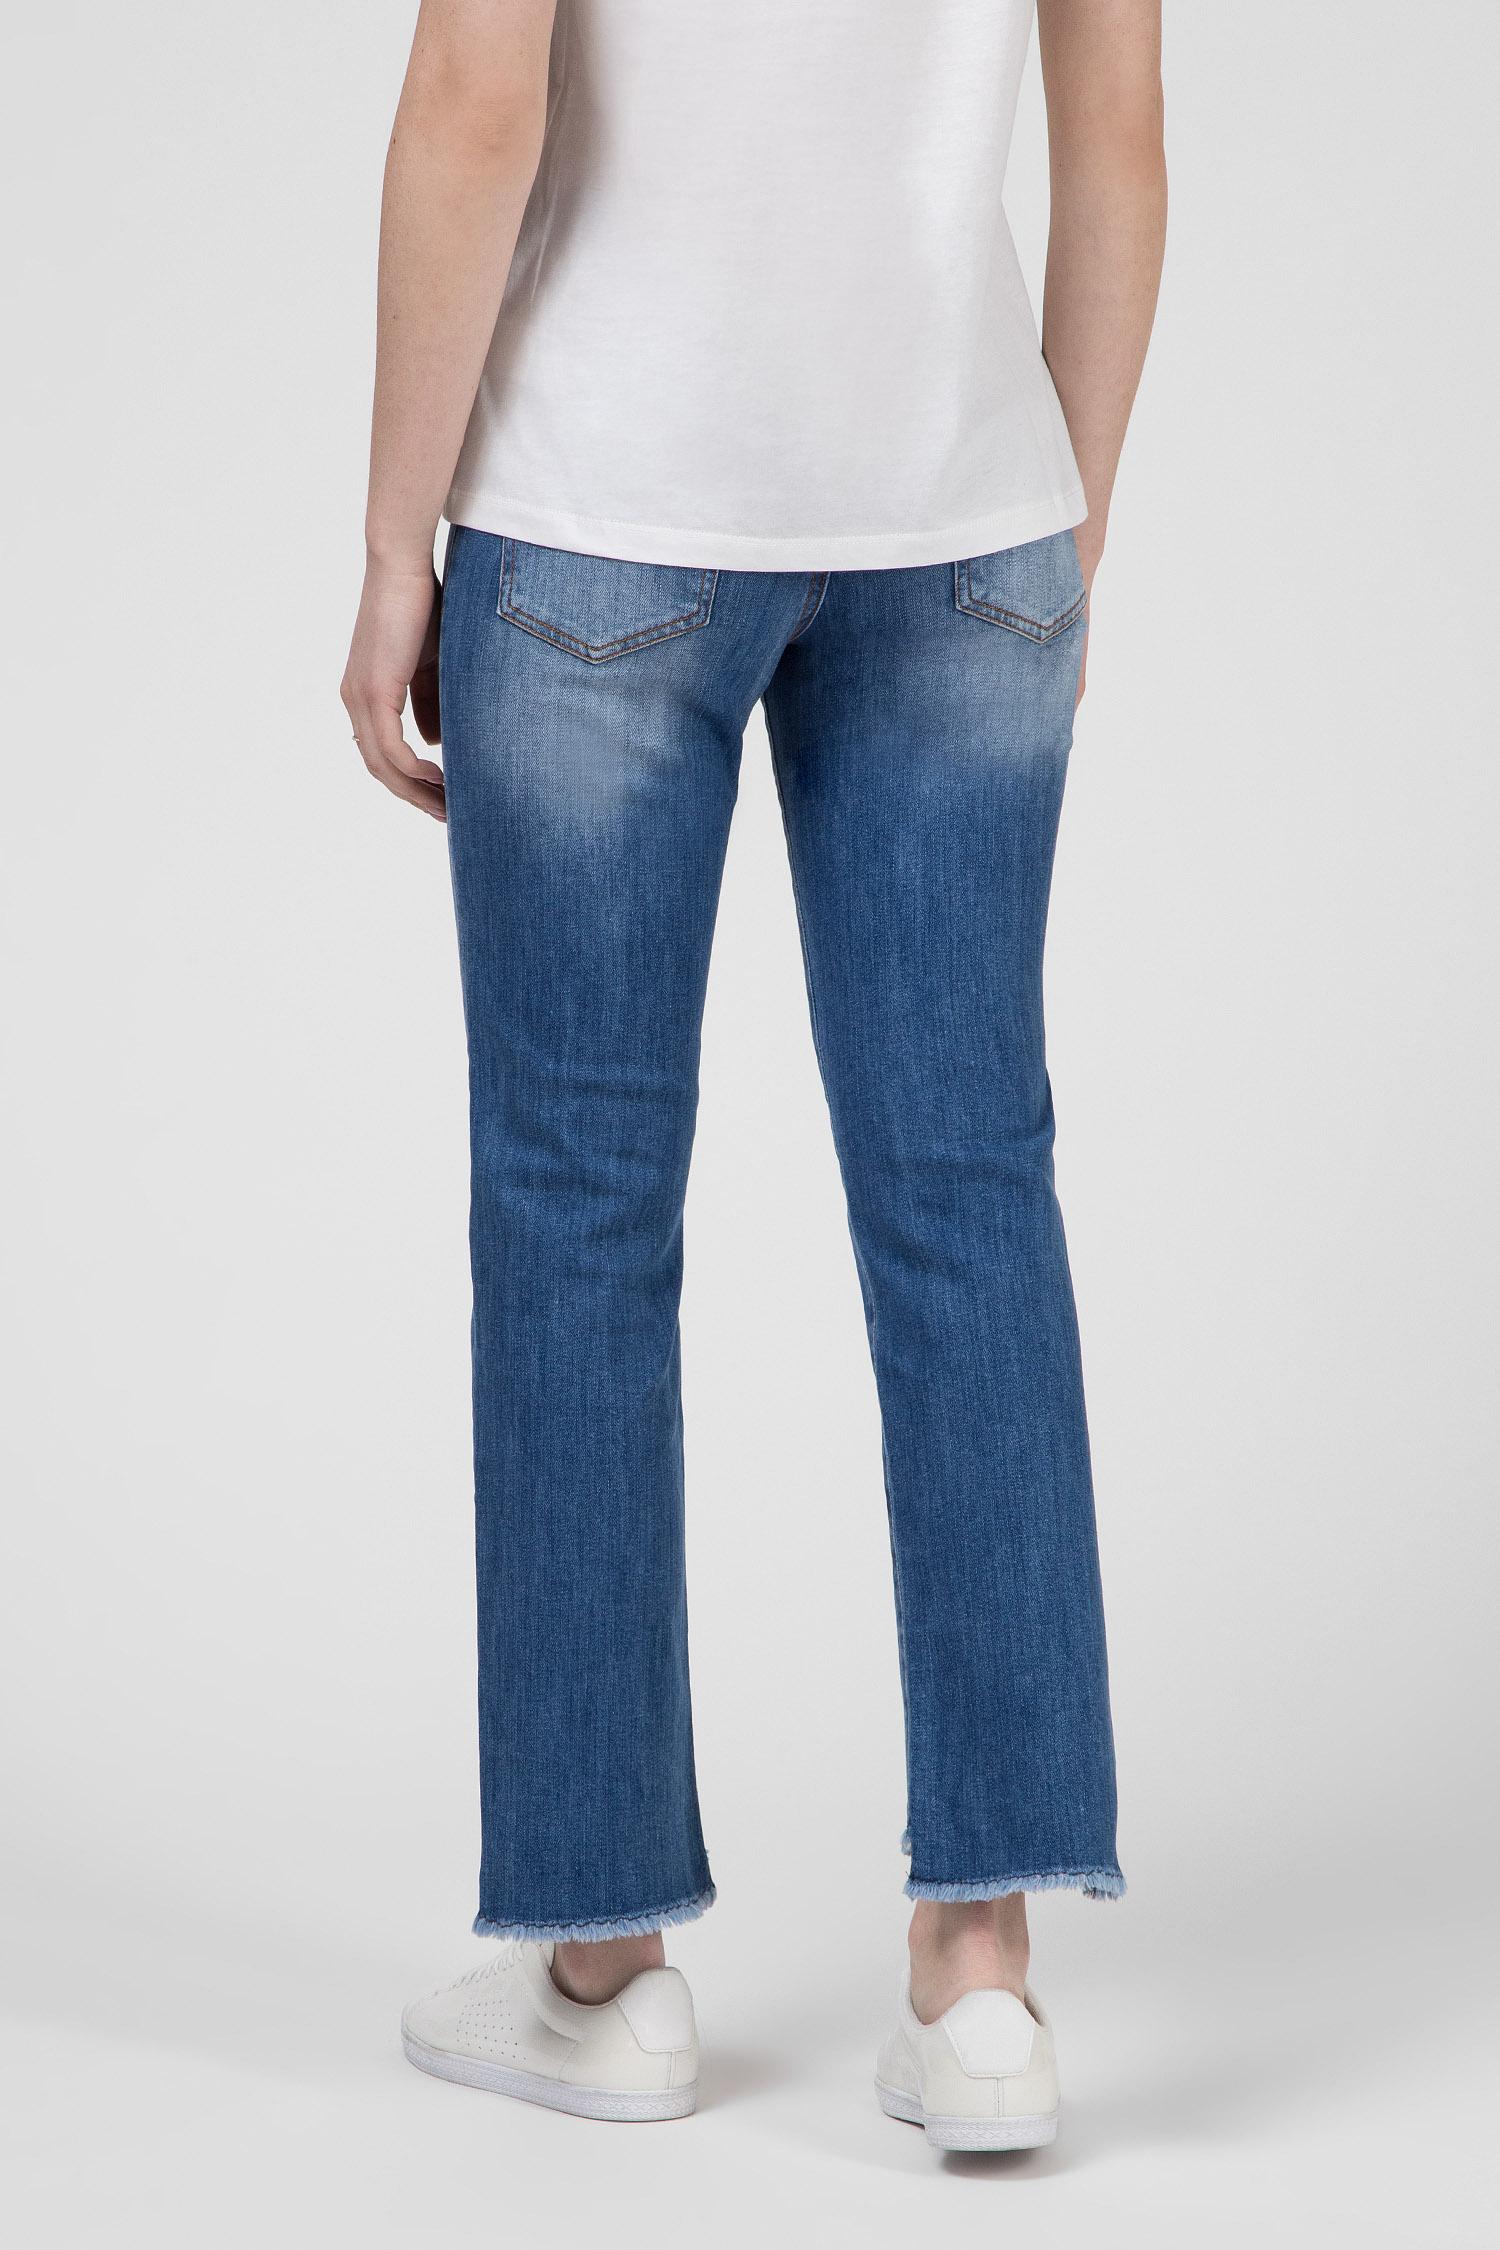 Купить Мужские синие джинсы SALVIA Nenette/TLJ Nenette/TLJ SALVIA – Киев, Украина. Цены в интернет магазине MD Fashion